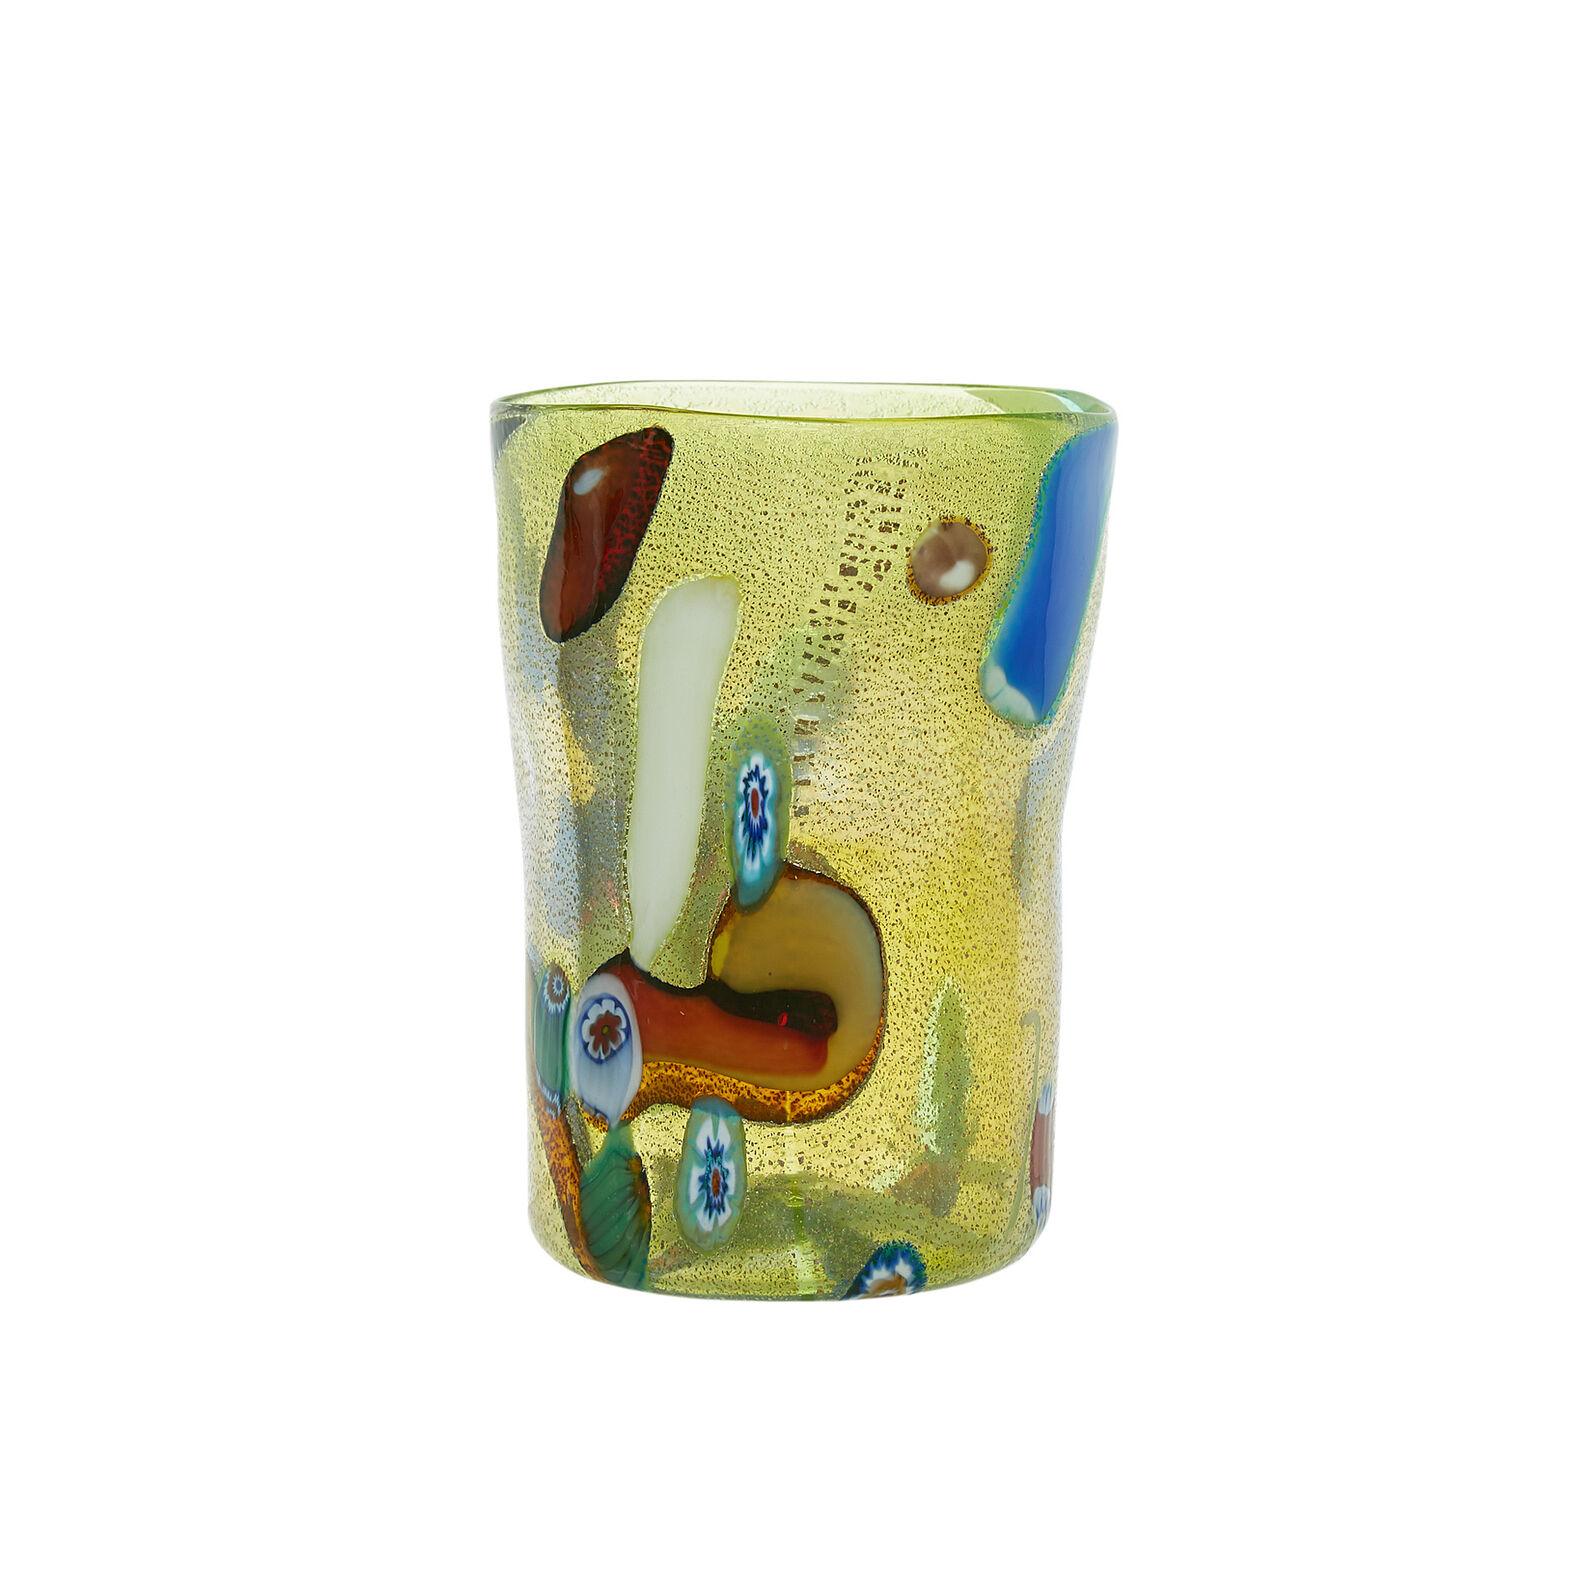 Murano Mosaic glass tumbler